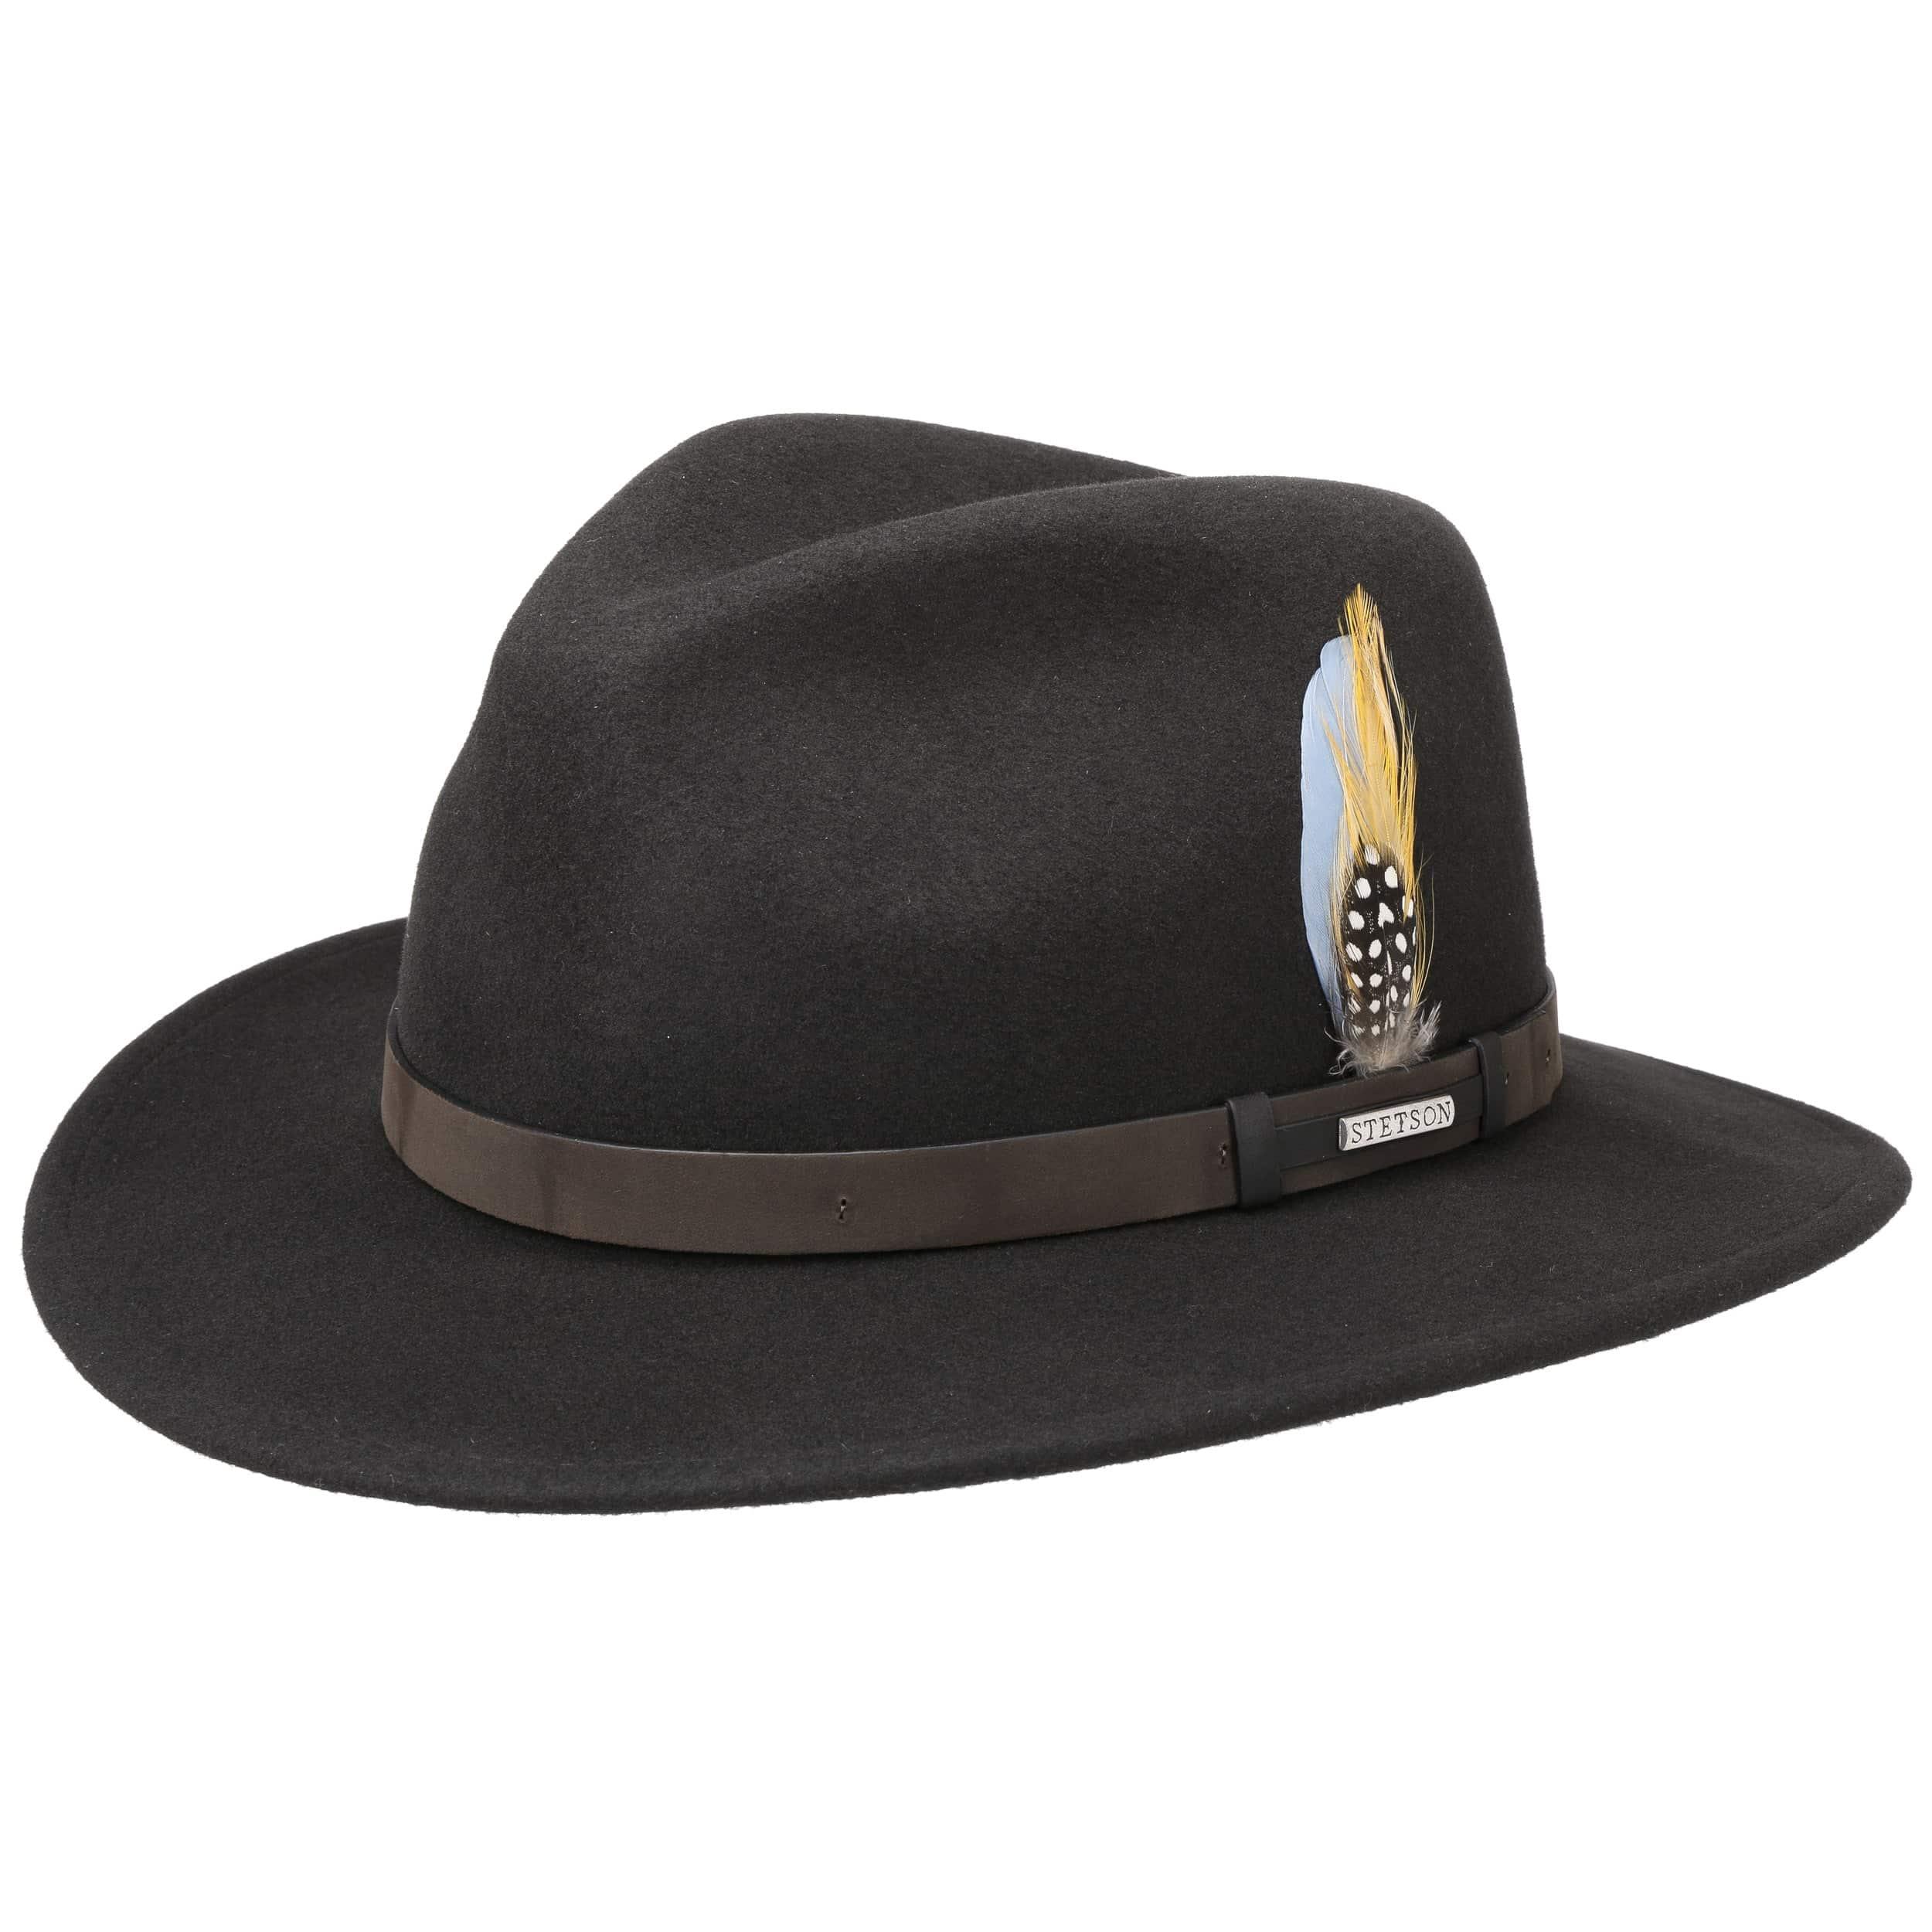 a647c819 Sardis VitaFelt Traveller Hat by Stetson, GBP 129,00 --> Hats, caps ...